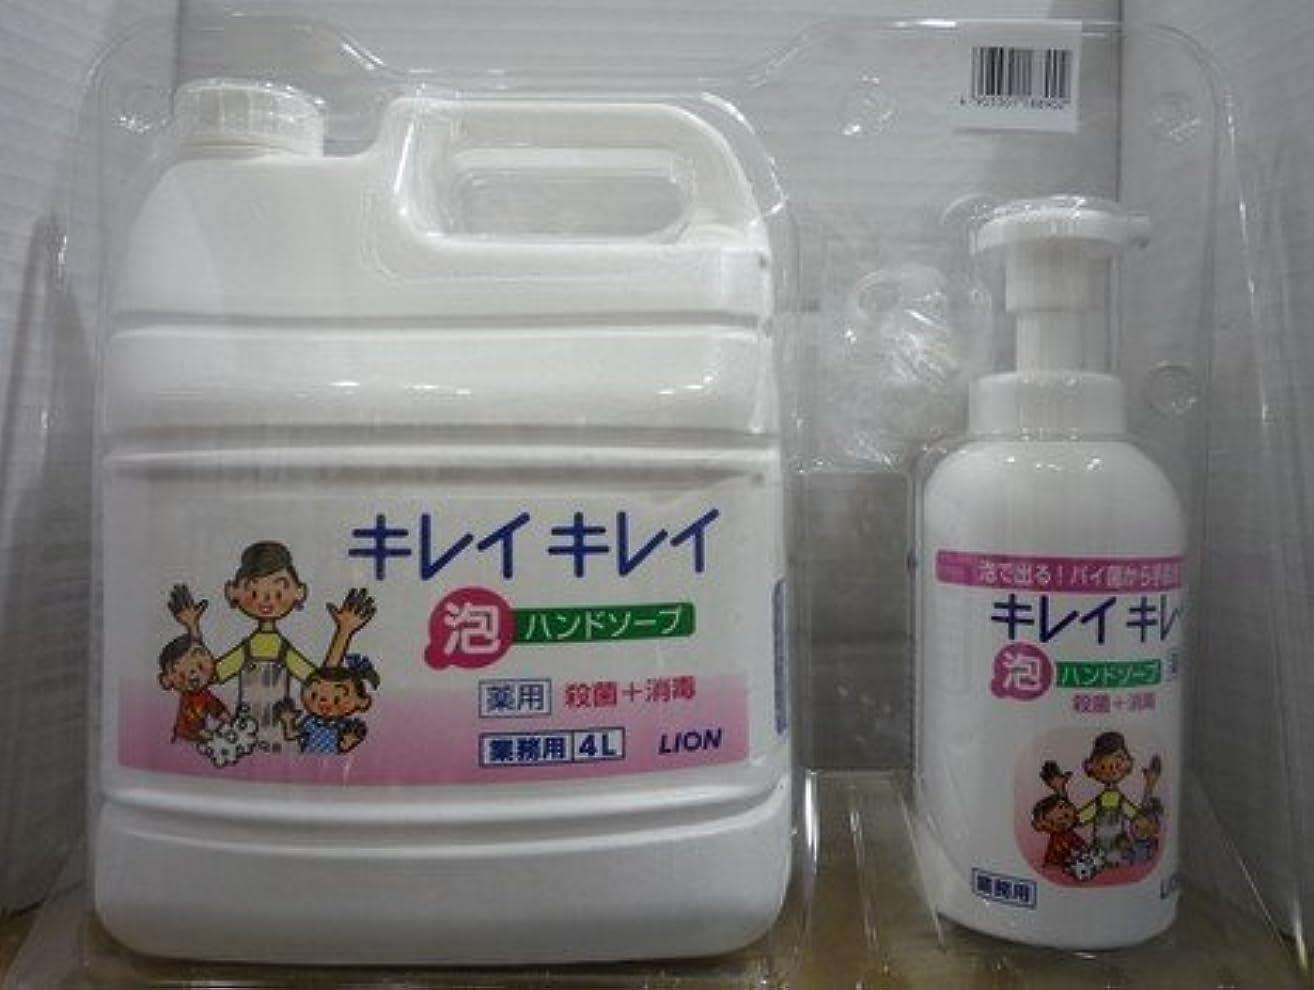 スナック数字あなたが良くなりますキレイキレイ 薬用泡ハンドソープ 業務用 4L+キレイキレイ 薬用泡ハンドソープボトル550ml